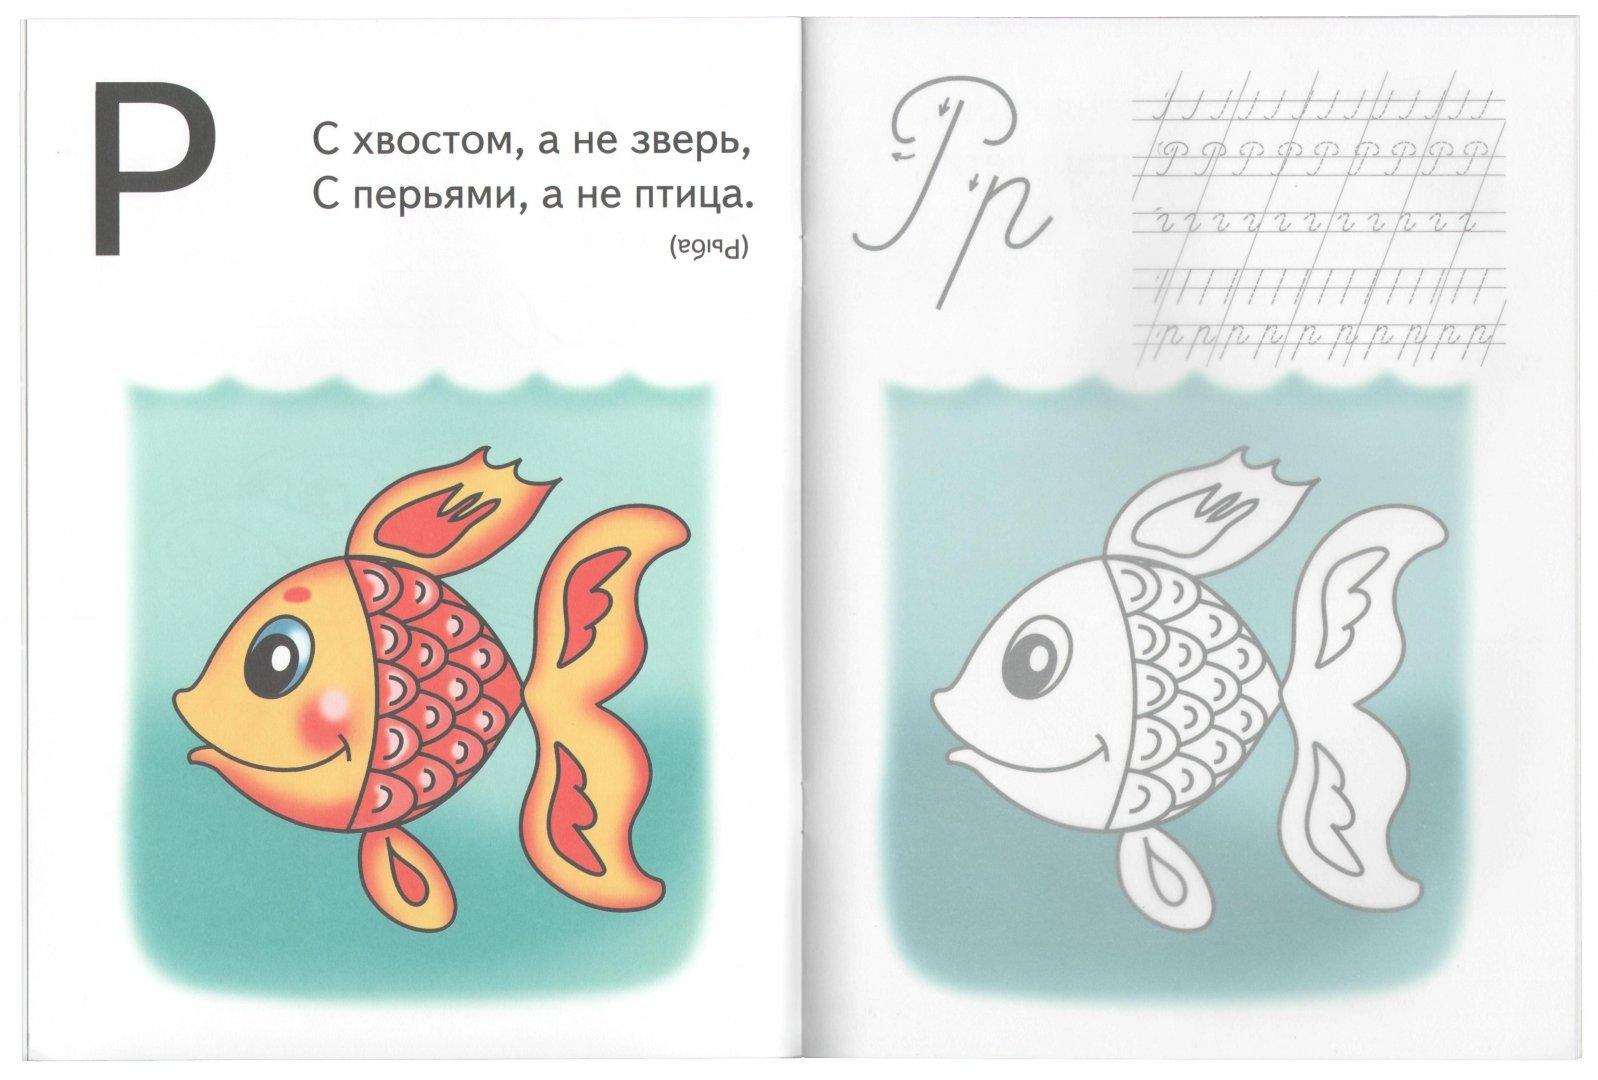 Иллюстрация 1 из 6 для Прописи (зайчик) - Игорь Куберский | Лабиринт - книги. Источник: Лабиринт